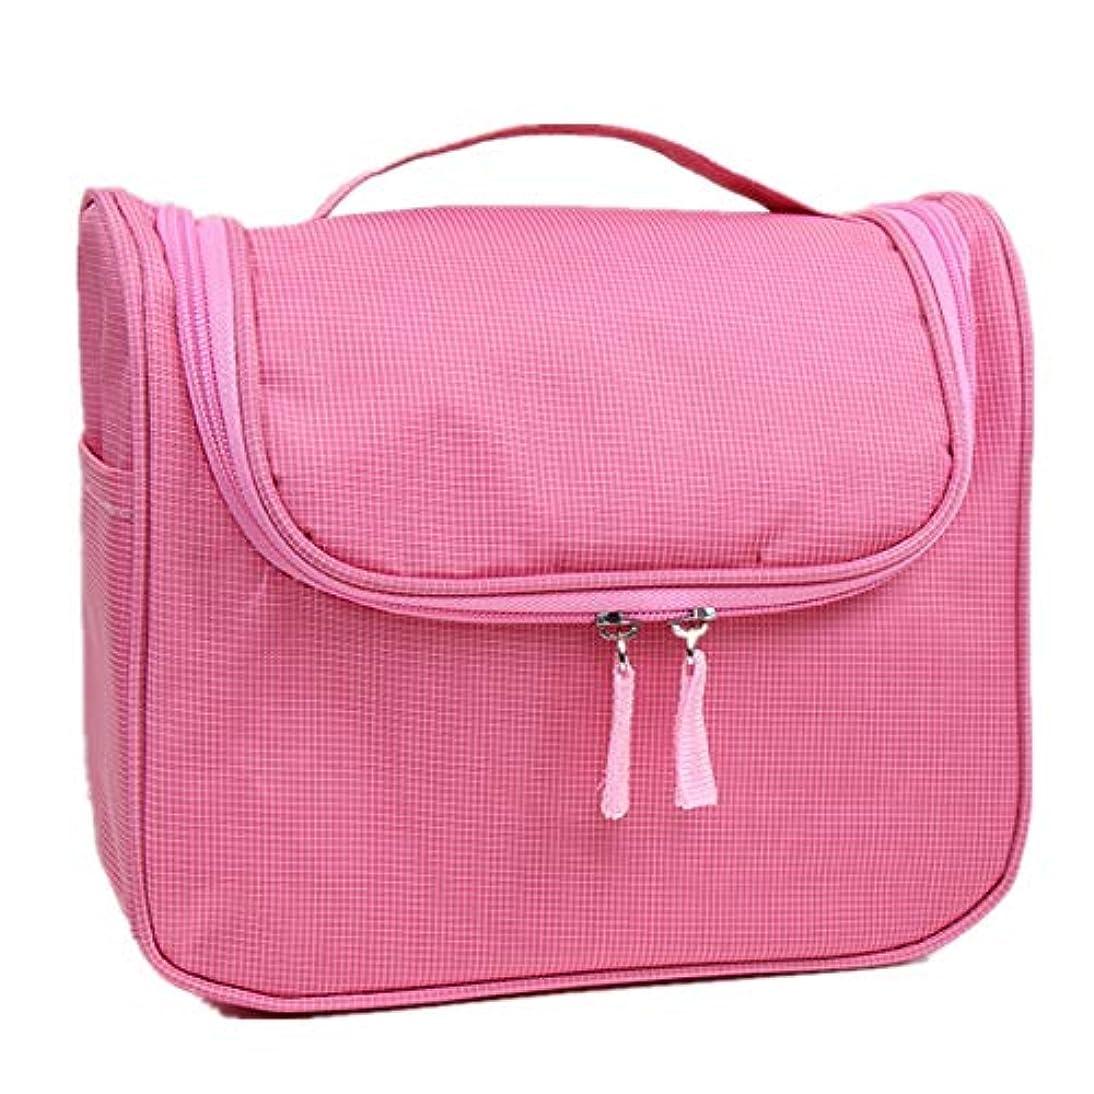 定義するテスピアン類似性化粧オーガナイザーバッグ 大容量の旅行化粧品バッグ丈夫で耐久性のある洗濯可能な化粧品保管コンセントレーションバッグウォッシュバッグ 化粧品ケース (色 : ピンク)